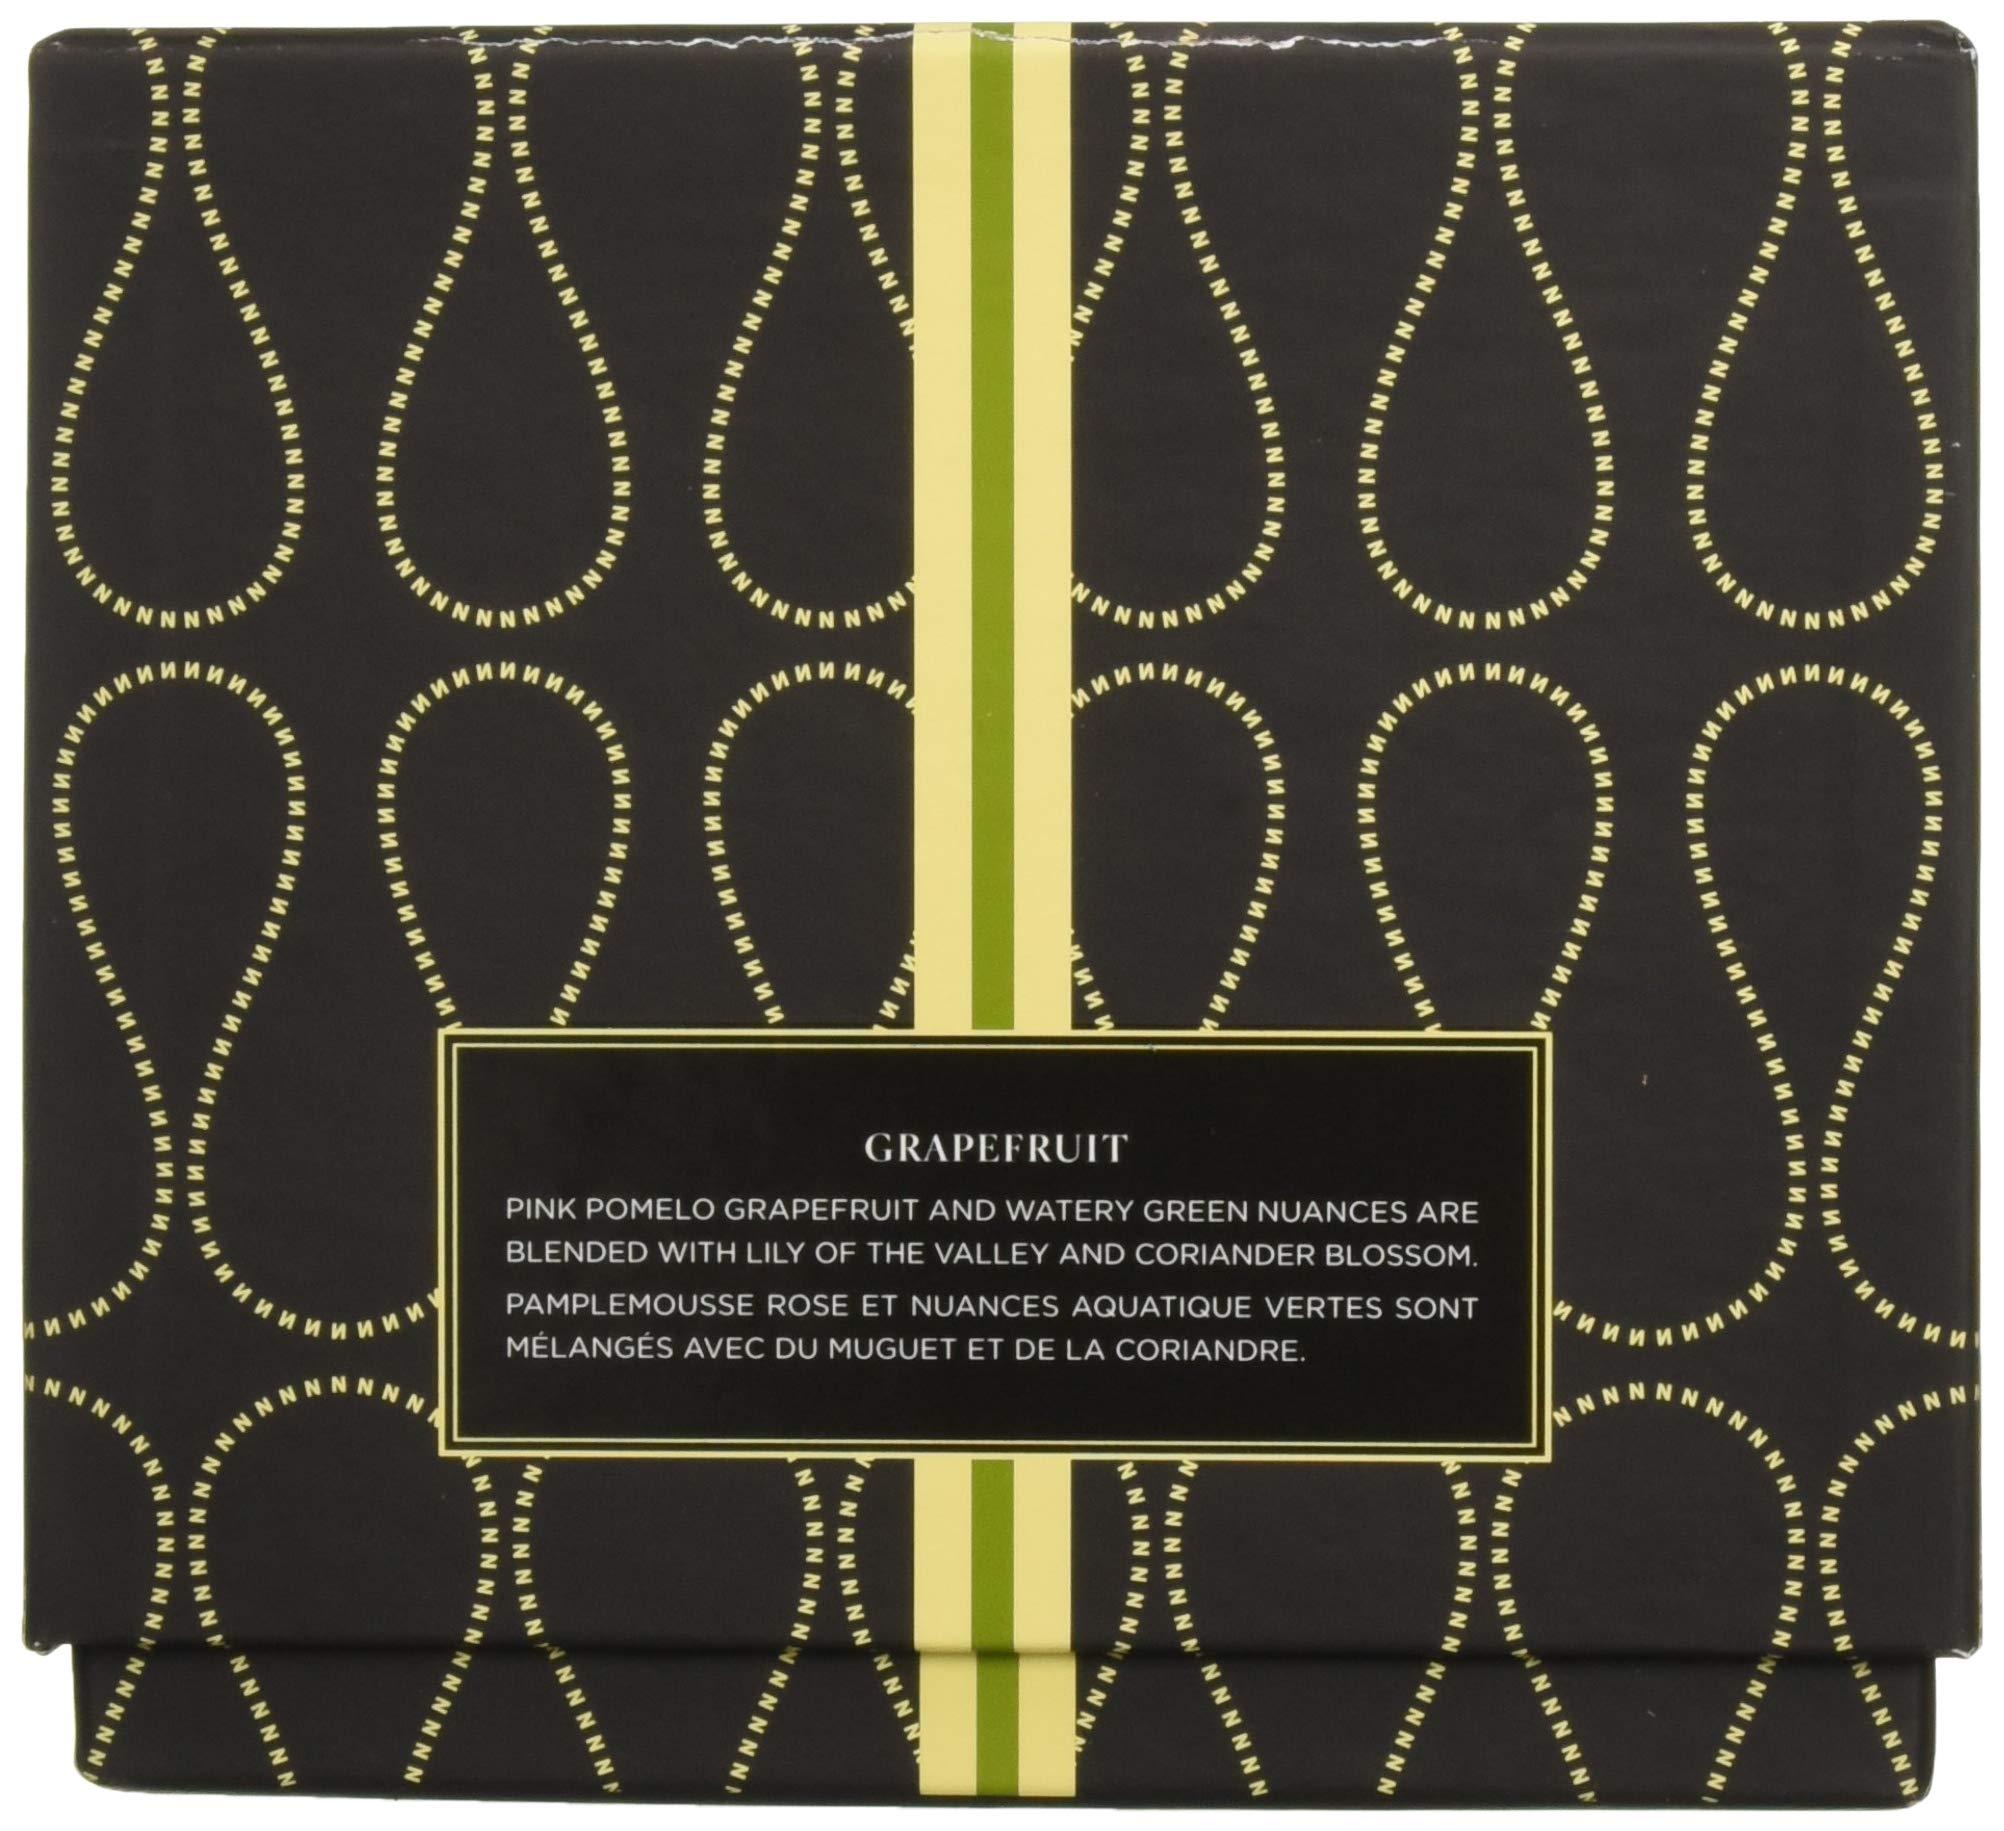 NEST Fragrances Grapefruit Luxury Candle by NEST Fragrances (Image #4)